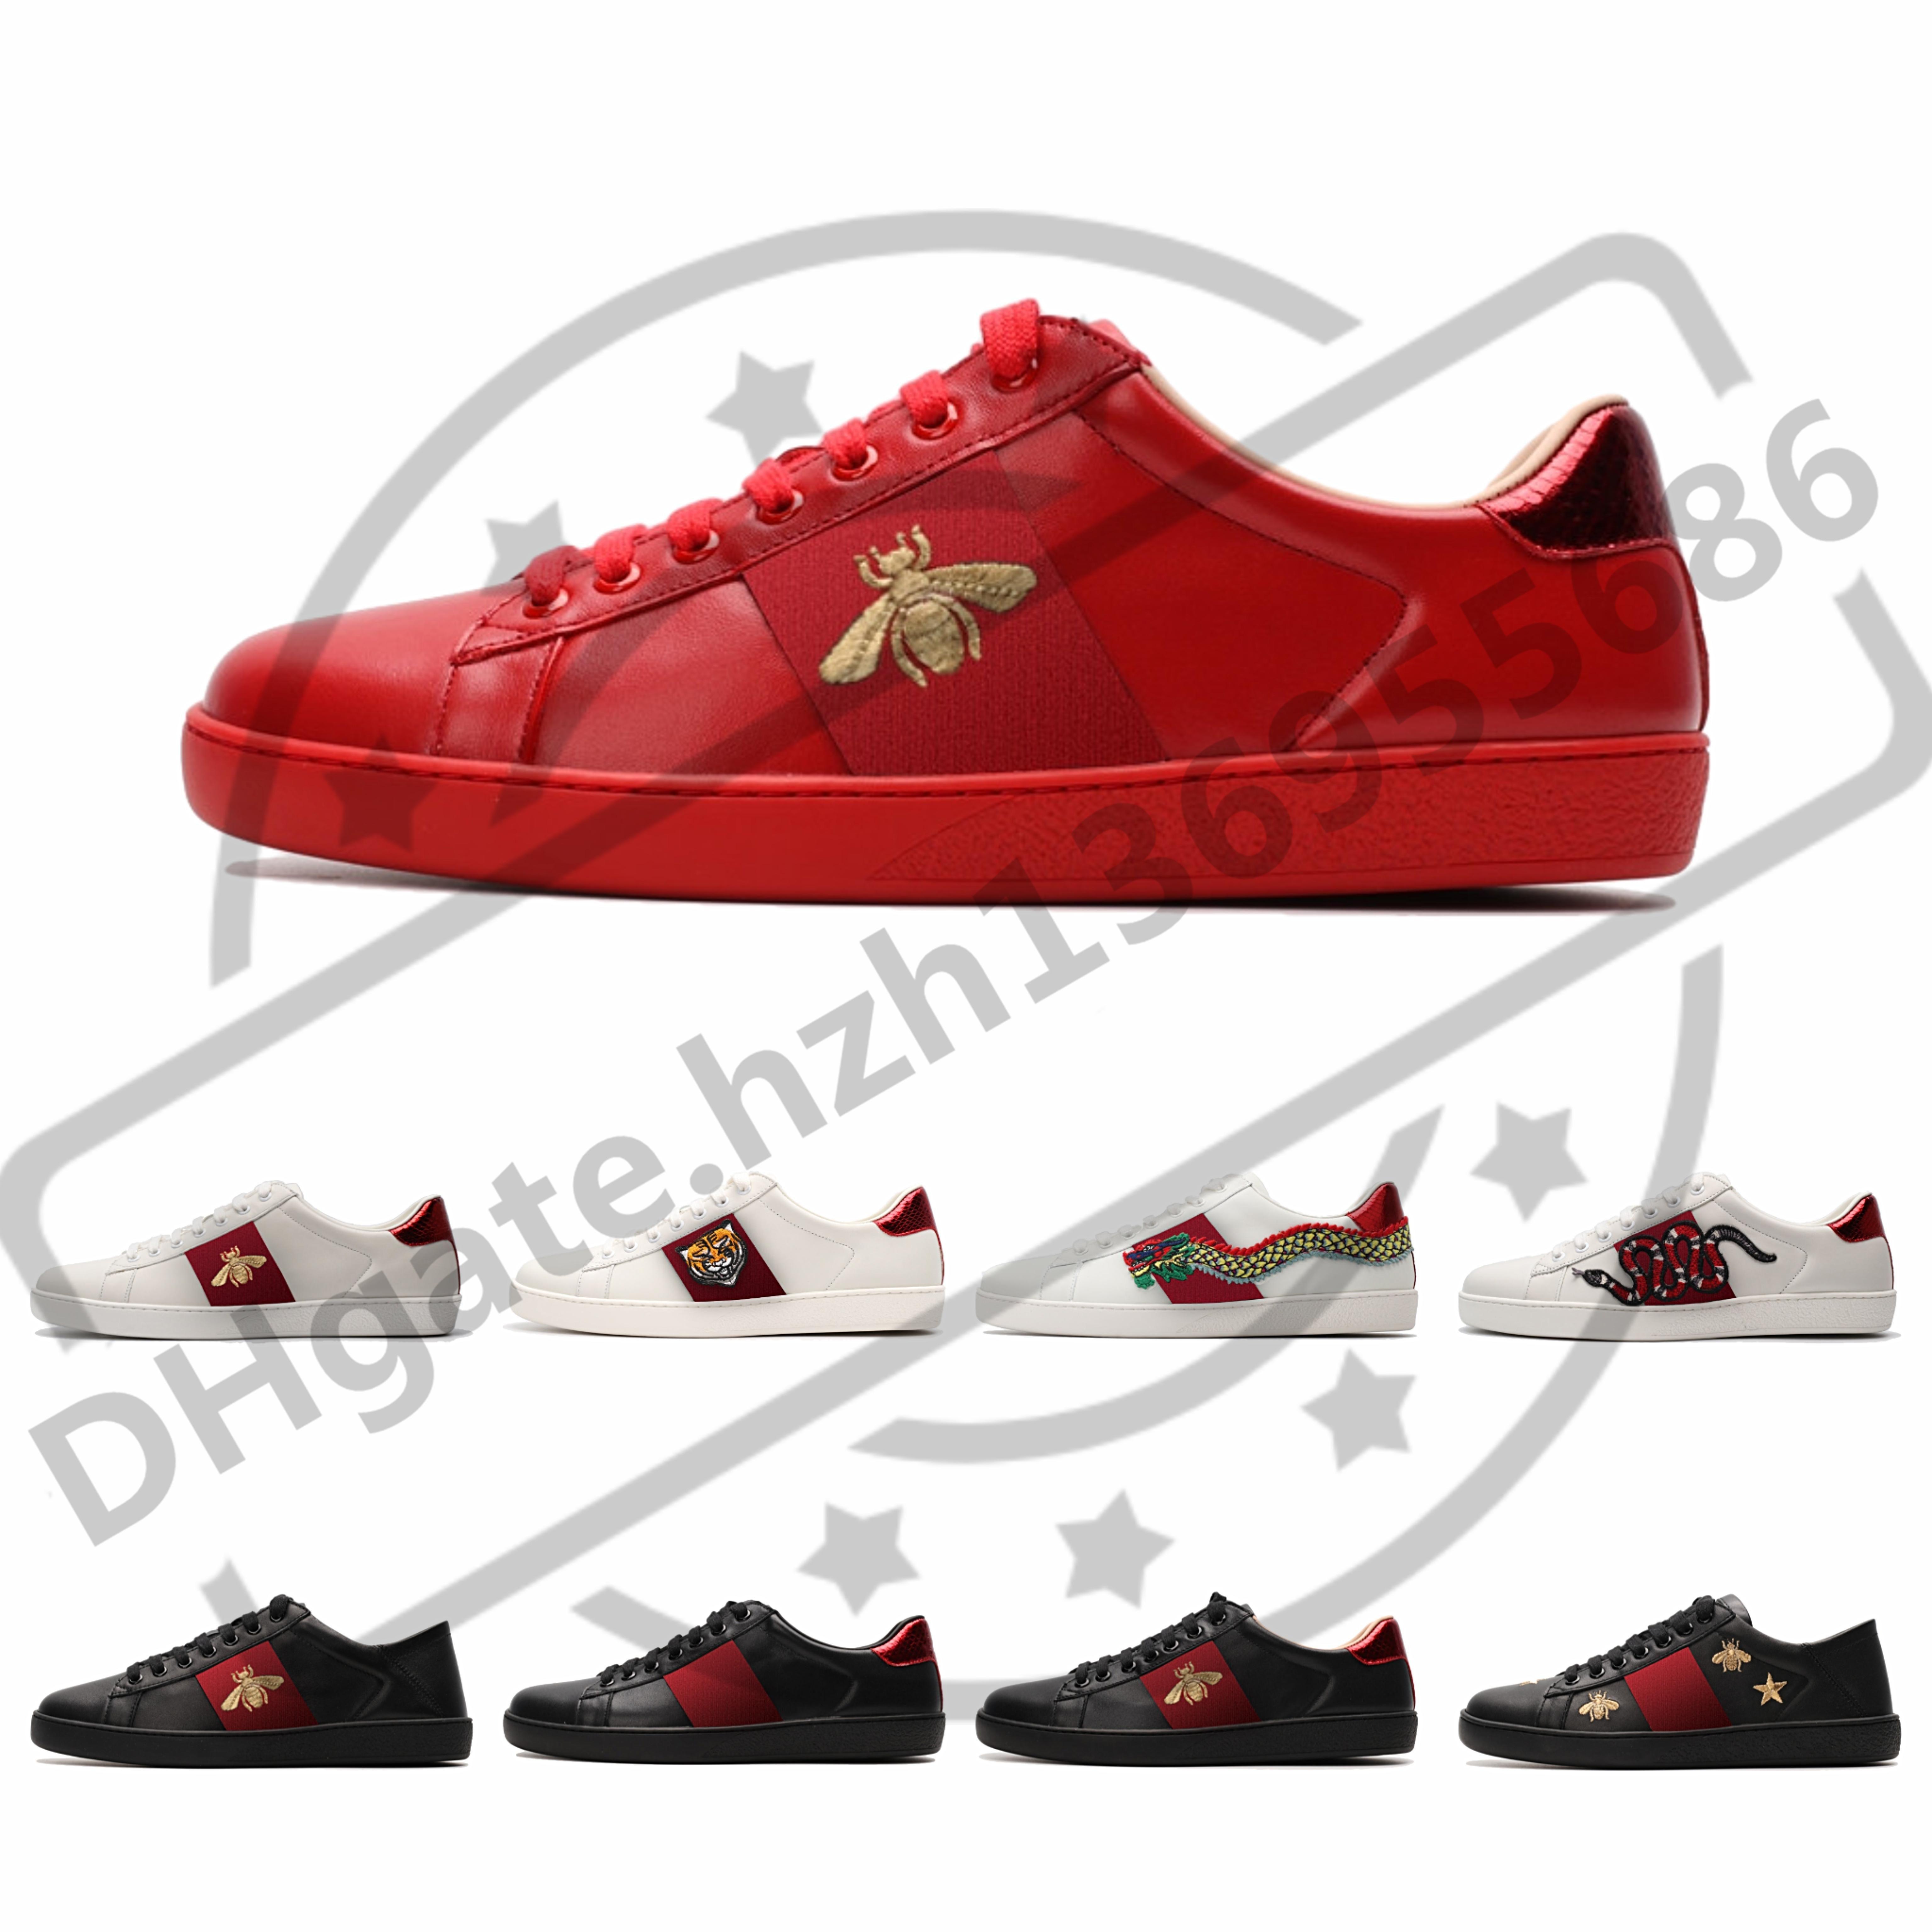 Sıcak Yeni Moda Tasarımcısı Üst Kalite Kadınlar Lüks Tasarımcı Sneaker Man Günlük Ayakkabılar Yeşil kırmızı şerit Boyutu 36-45 ile Ayakkabı Erkek